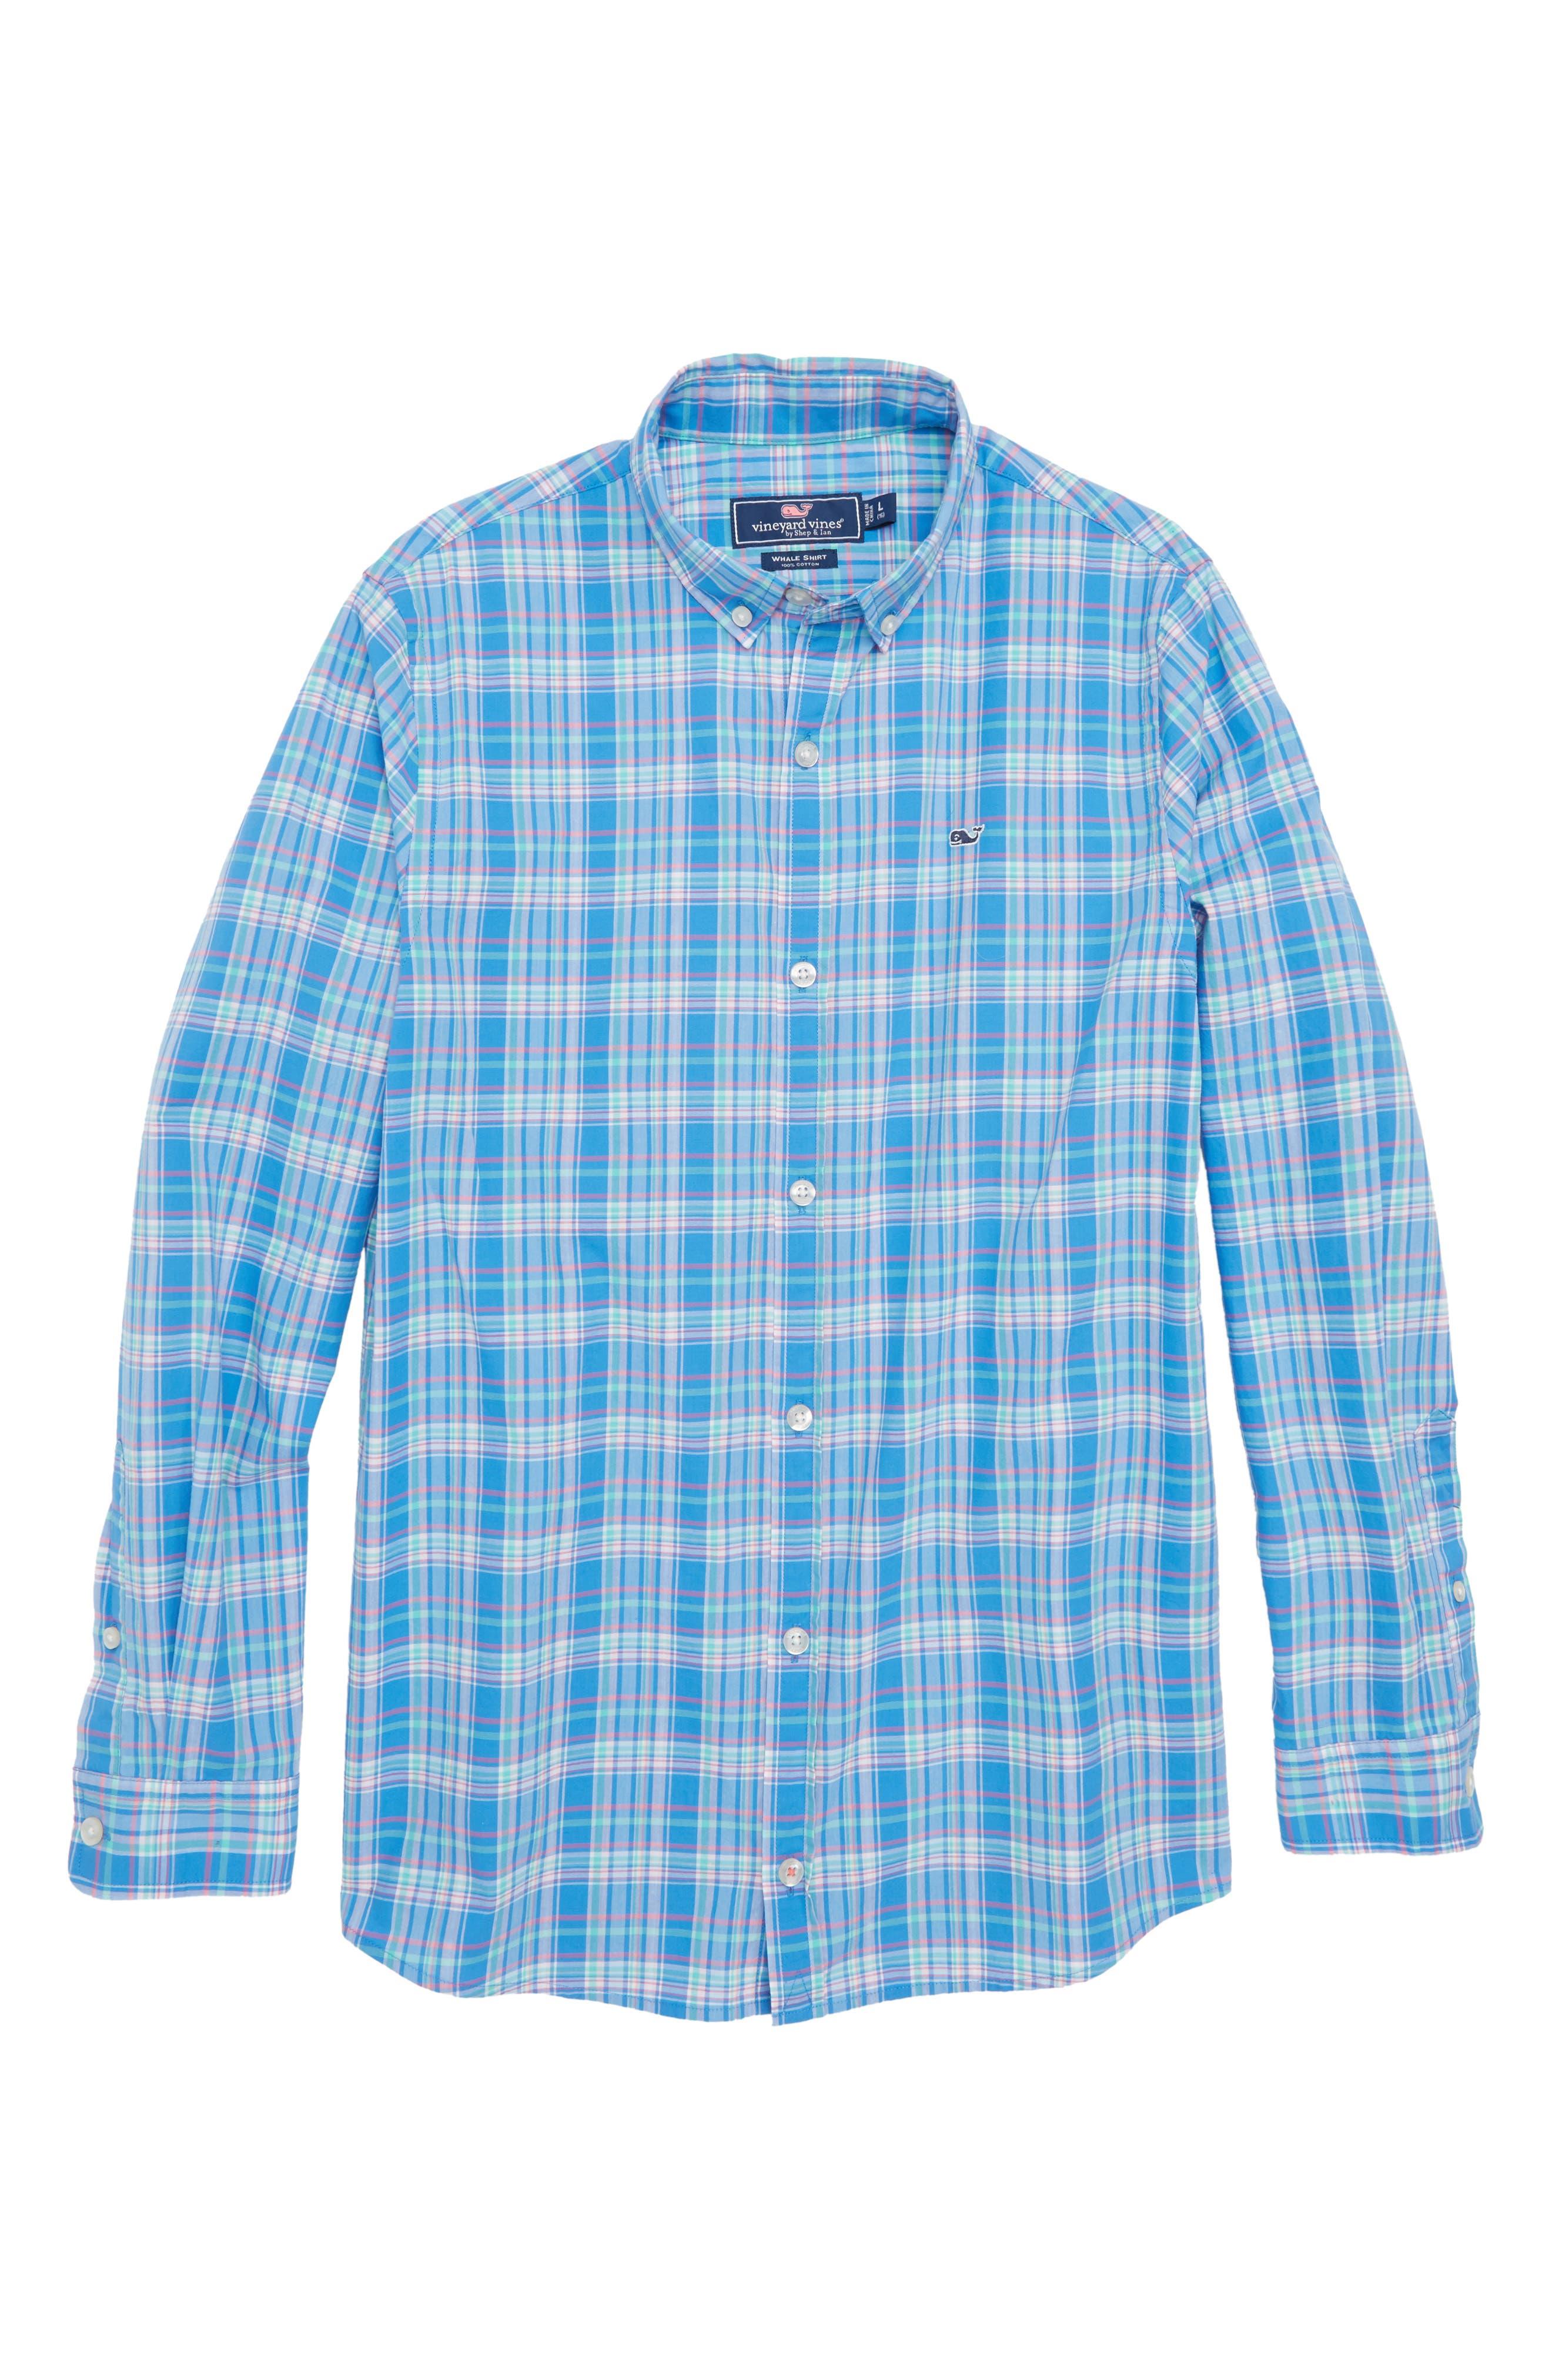 Bita Bay Plaid Woven Shirt,                             Main thumbnail 1, color,                             400